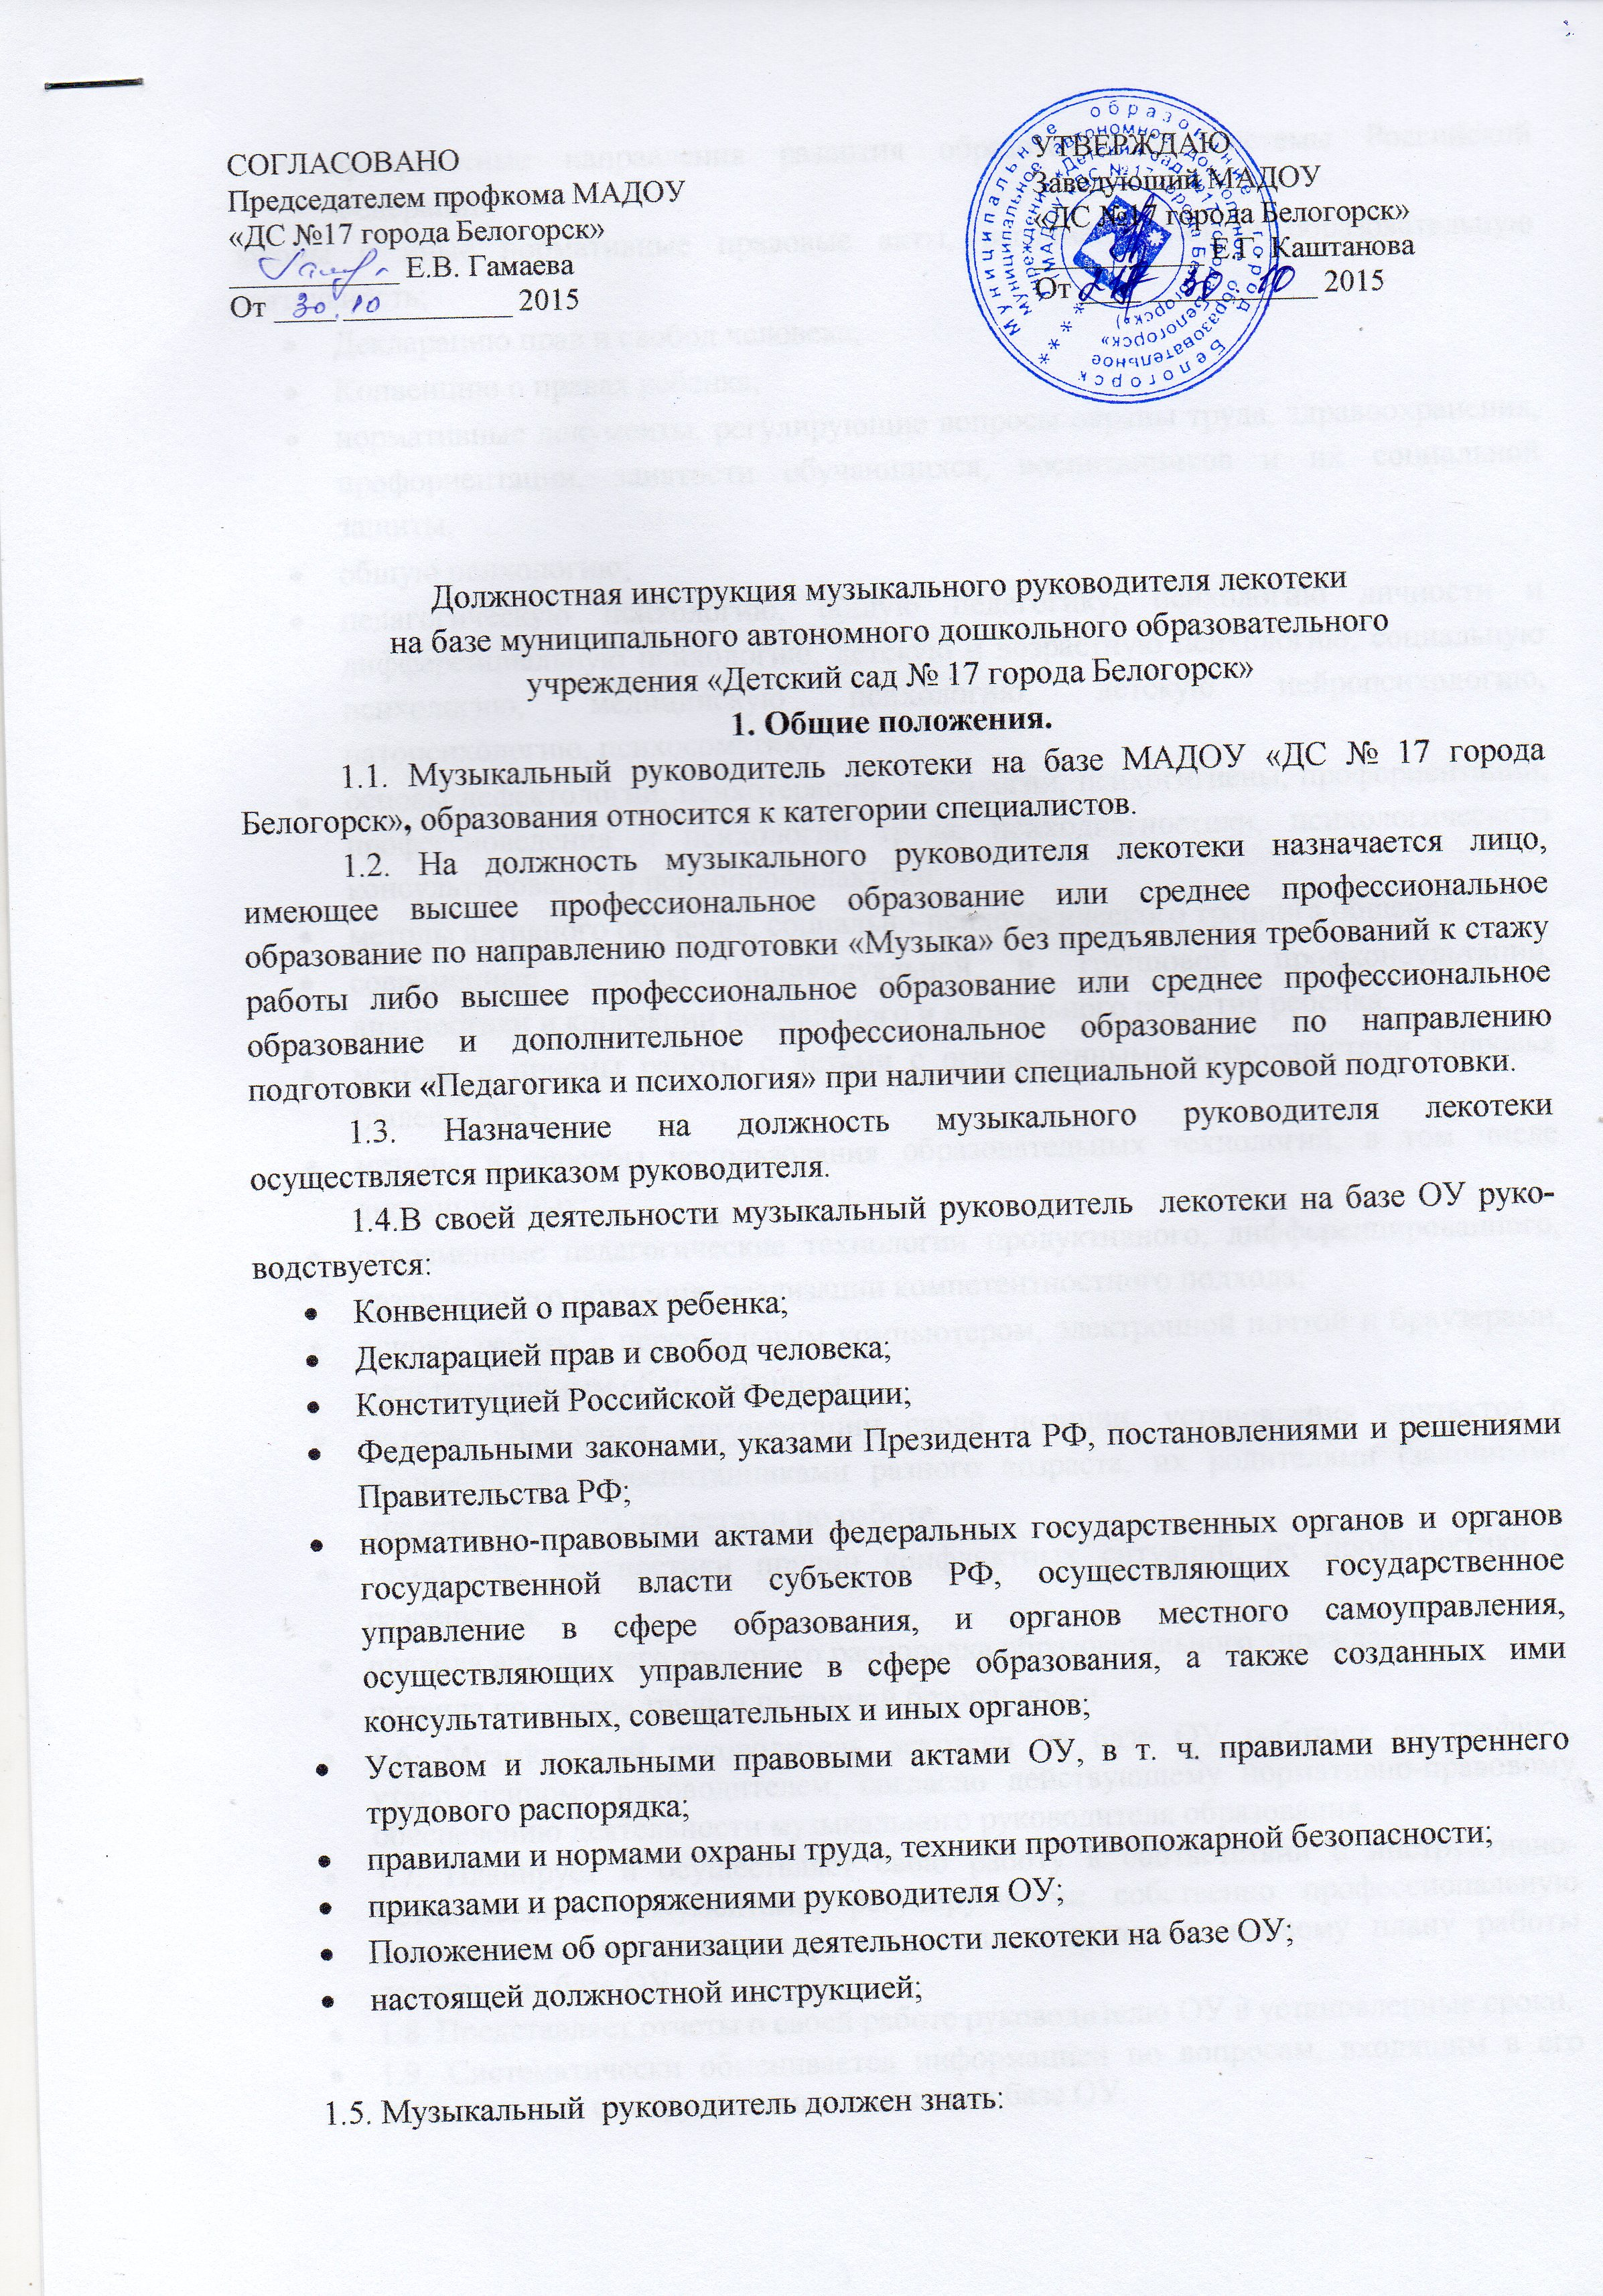 Должностная инструкция учителя муниципального оо учреждения